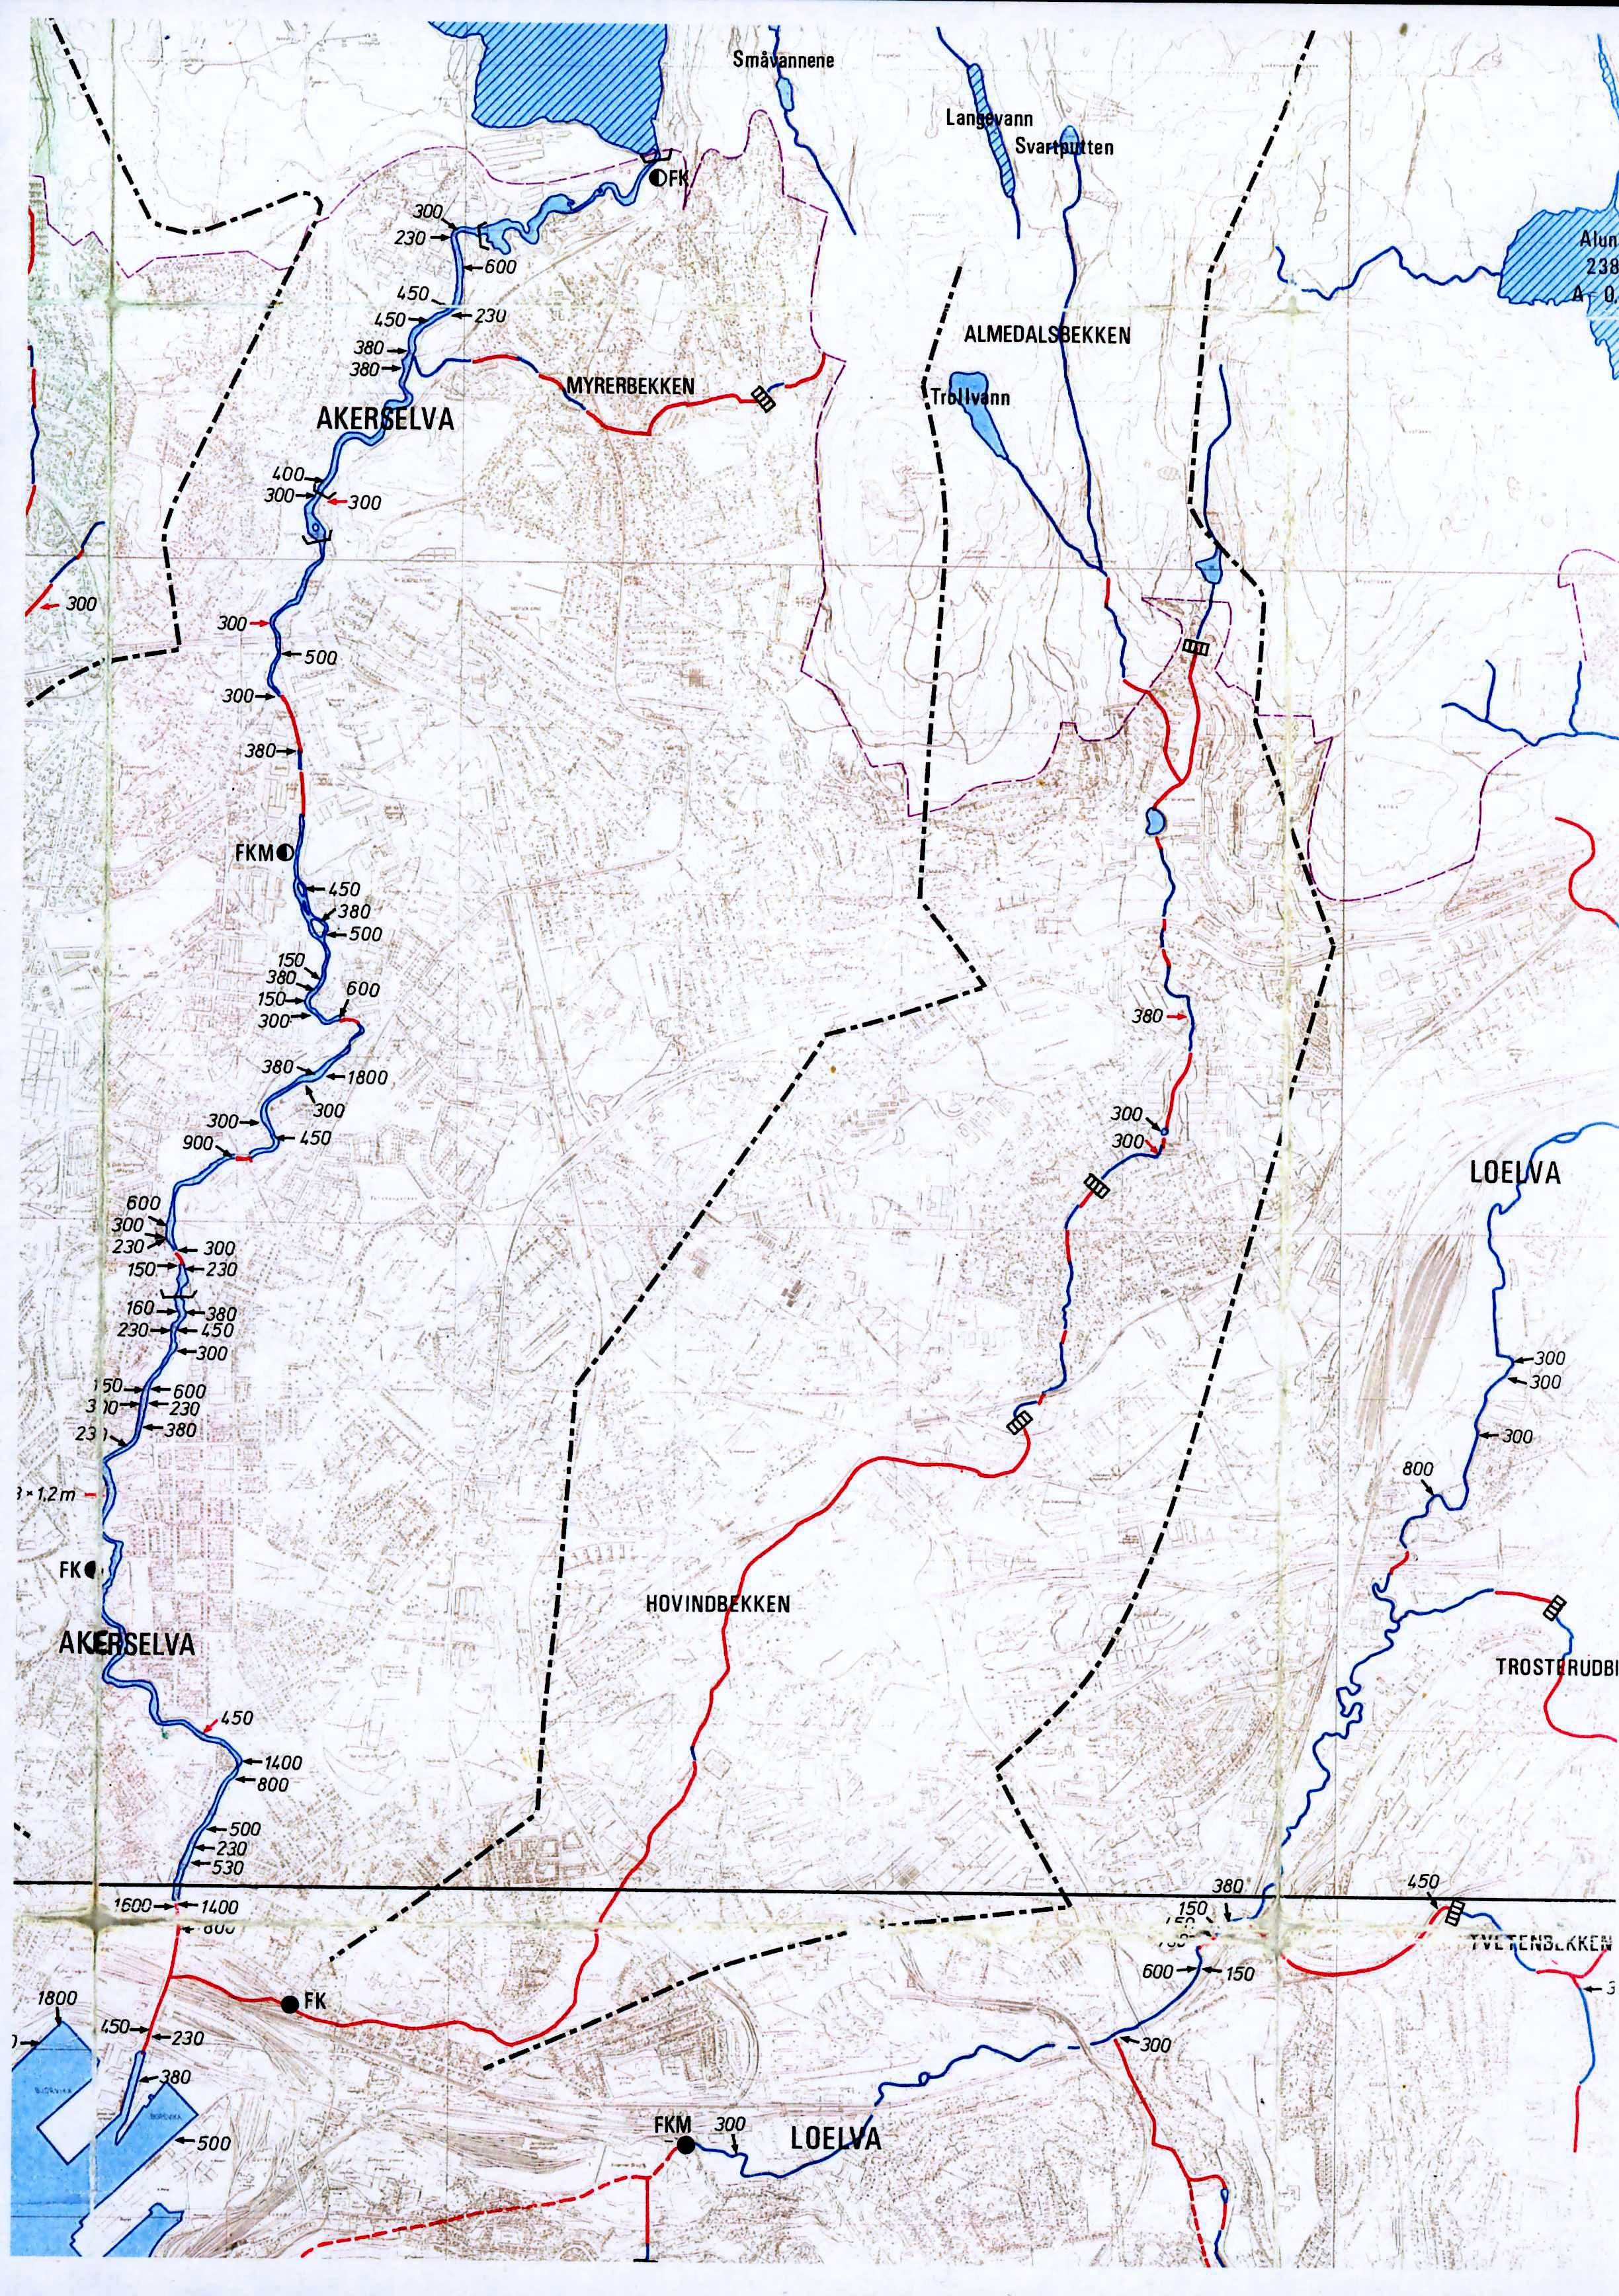 akerselva kart Kart | Hovinbekken akerselva kart